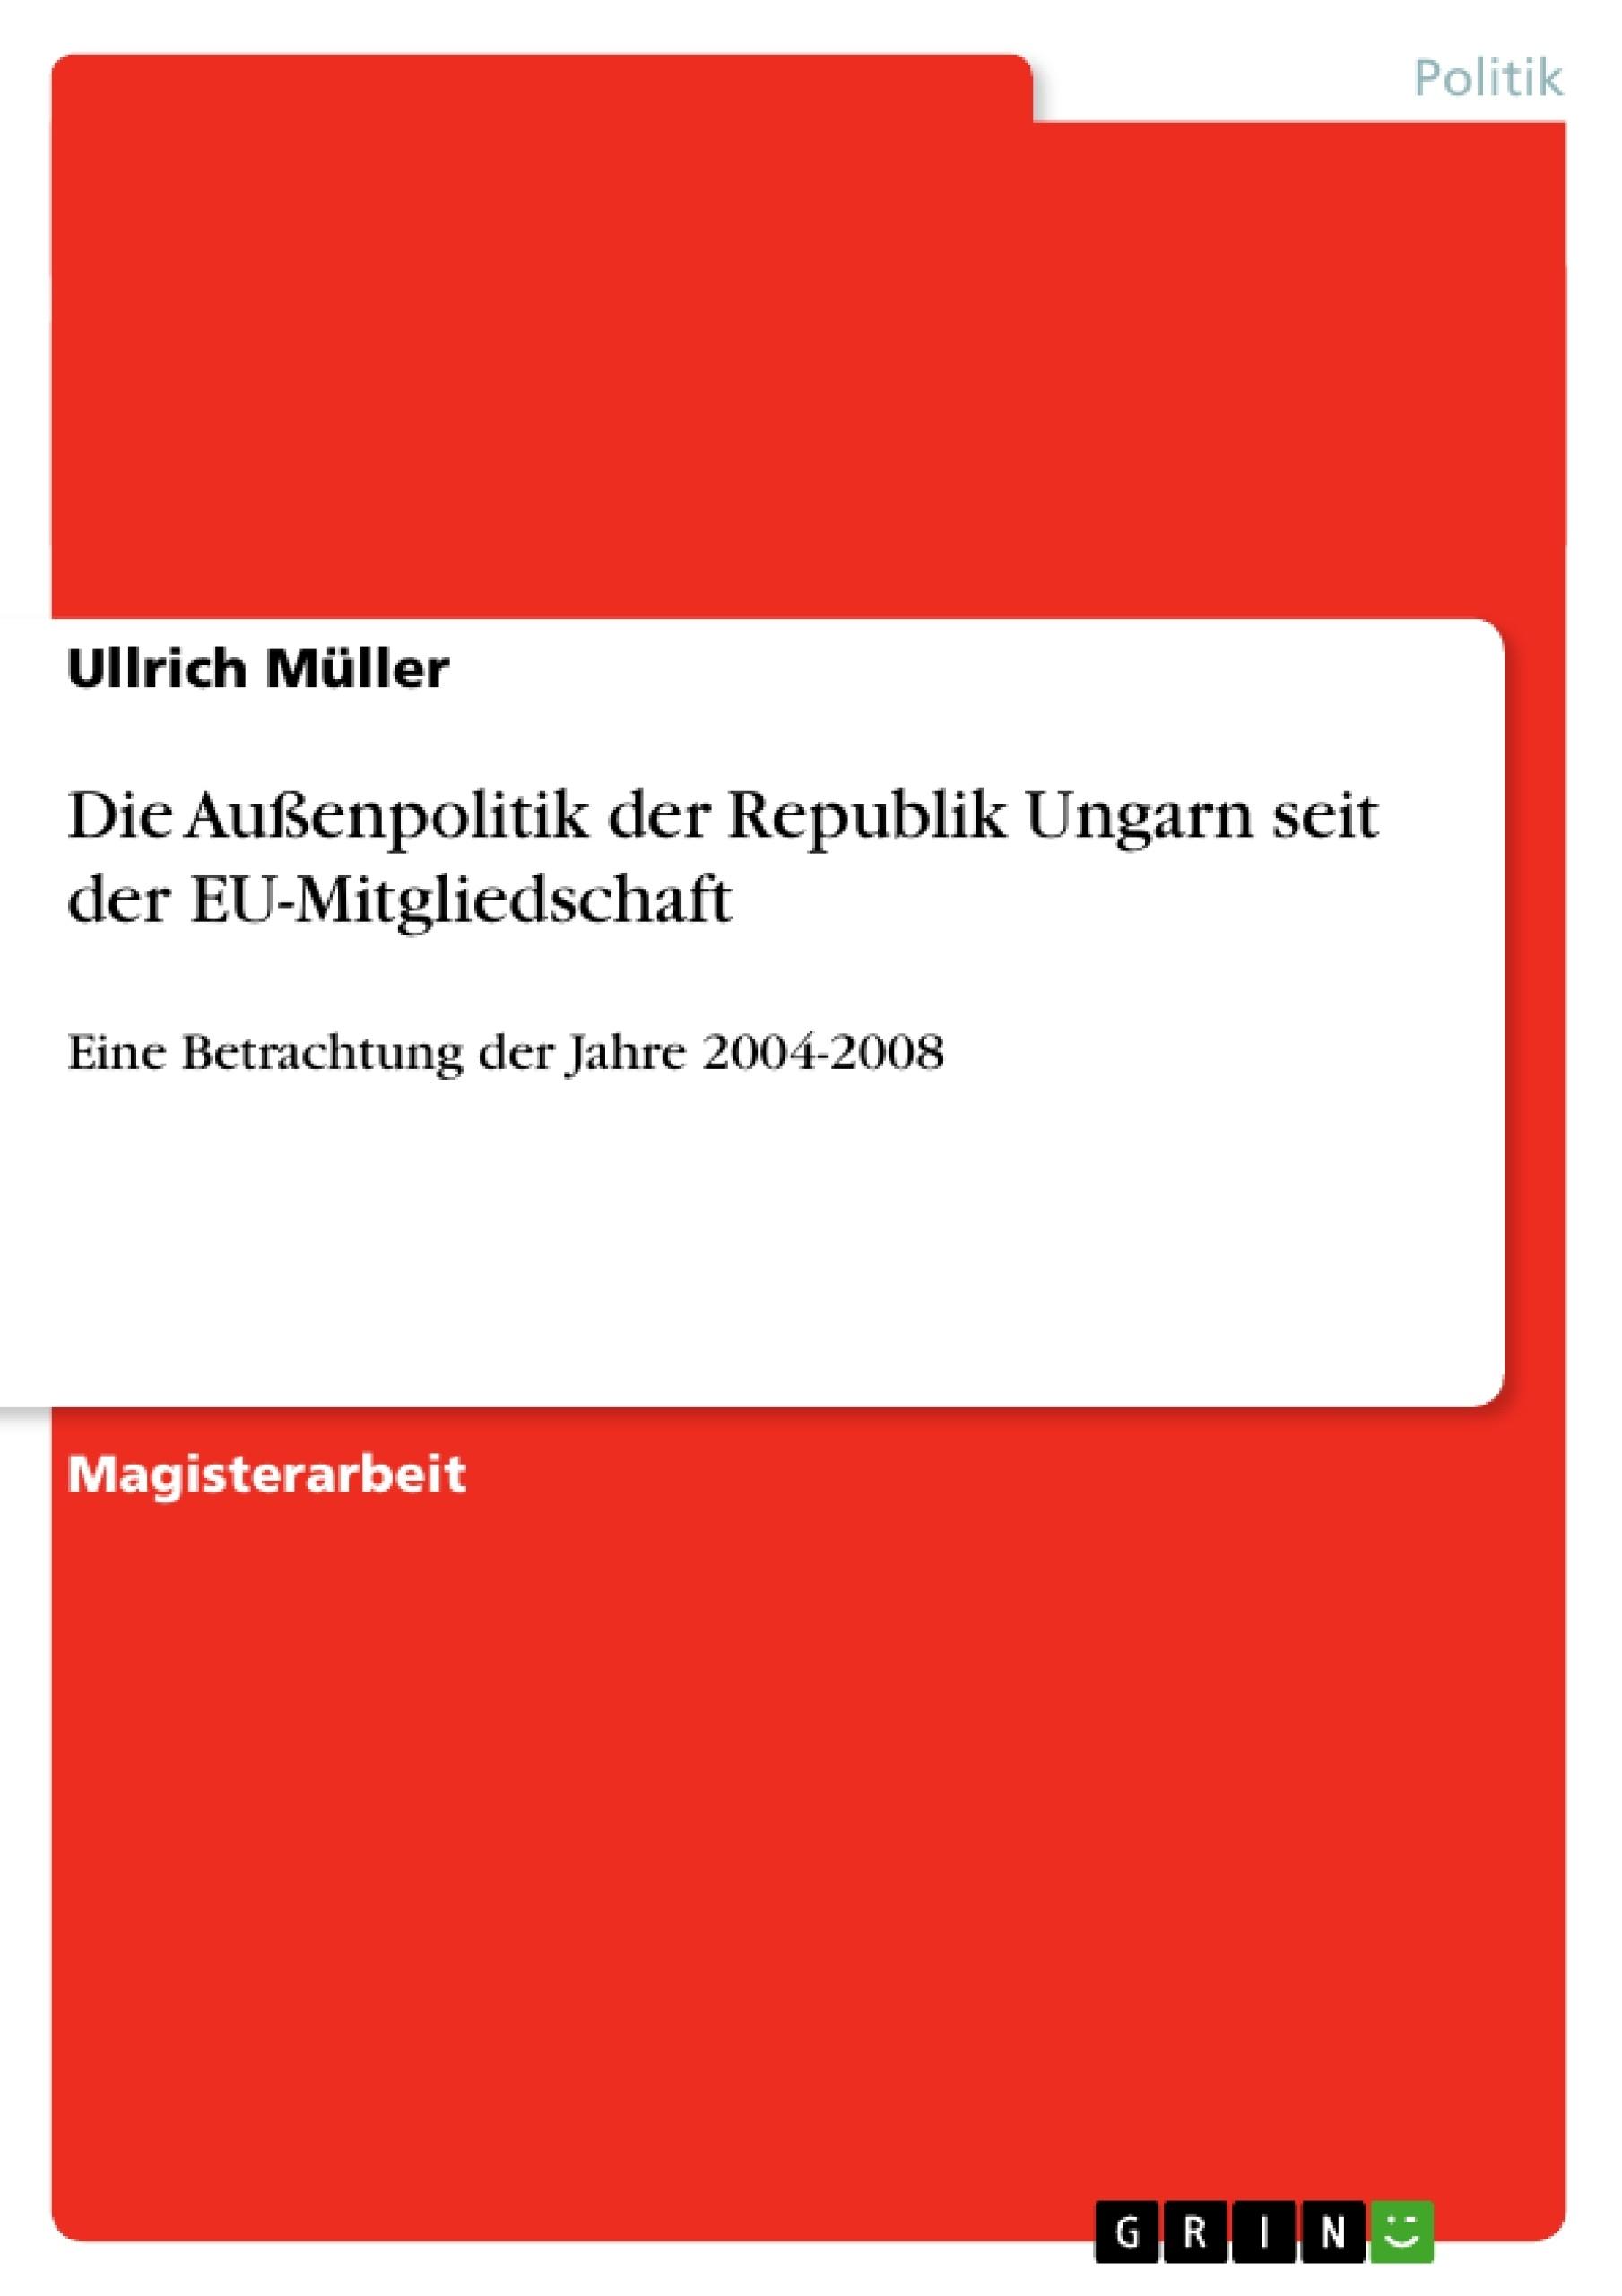 Titel: Die Außenpolitik der Republik Ungarn seit der EU-Mitgliedschaft